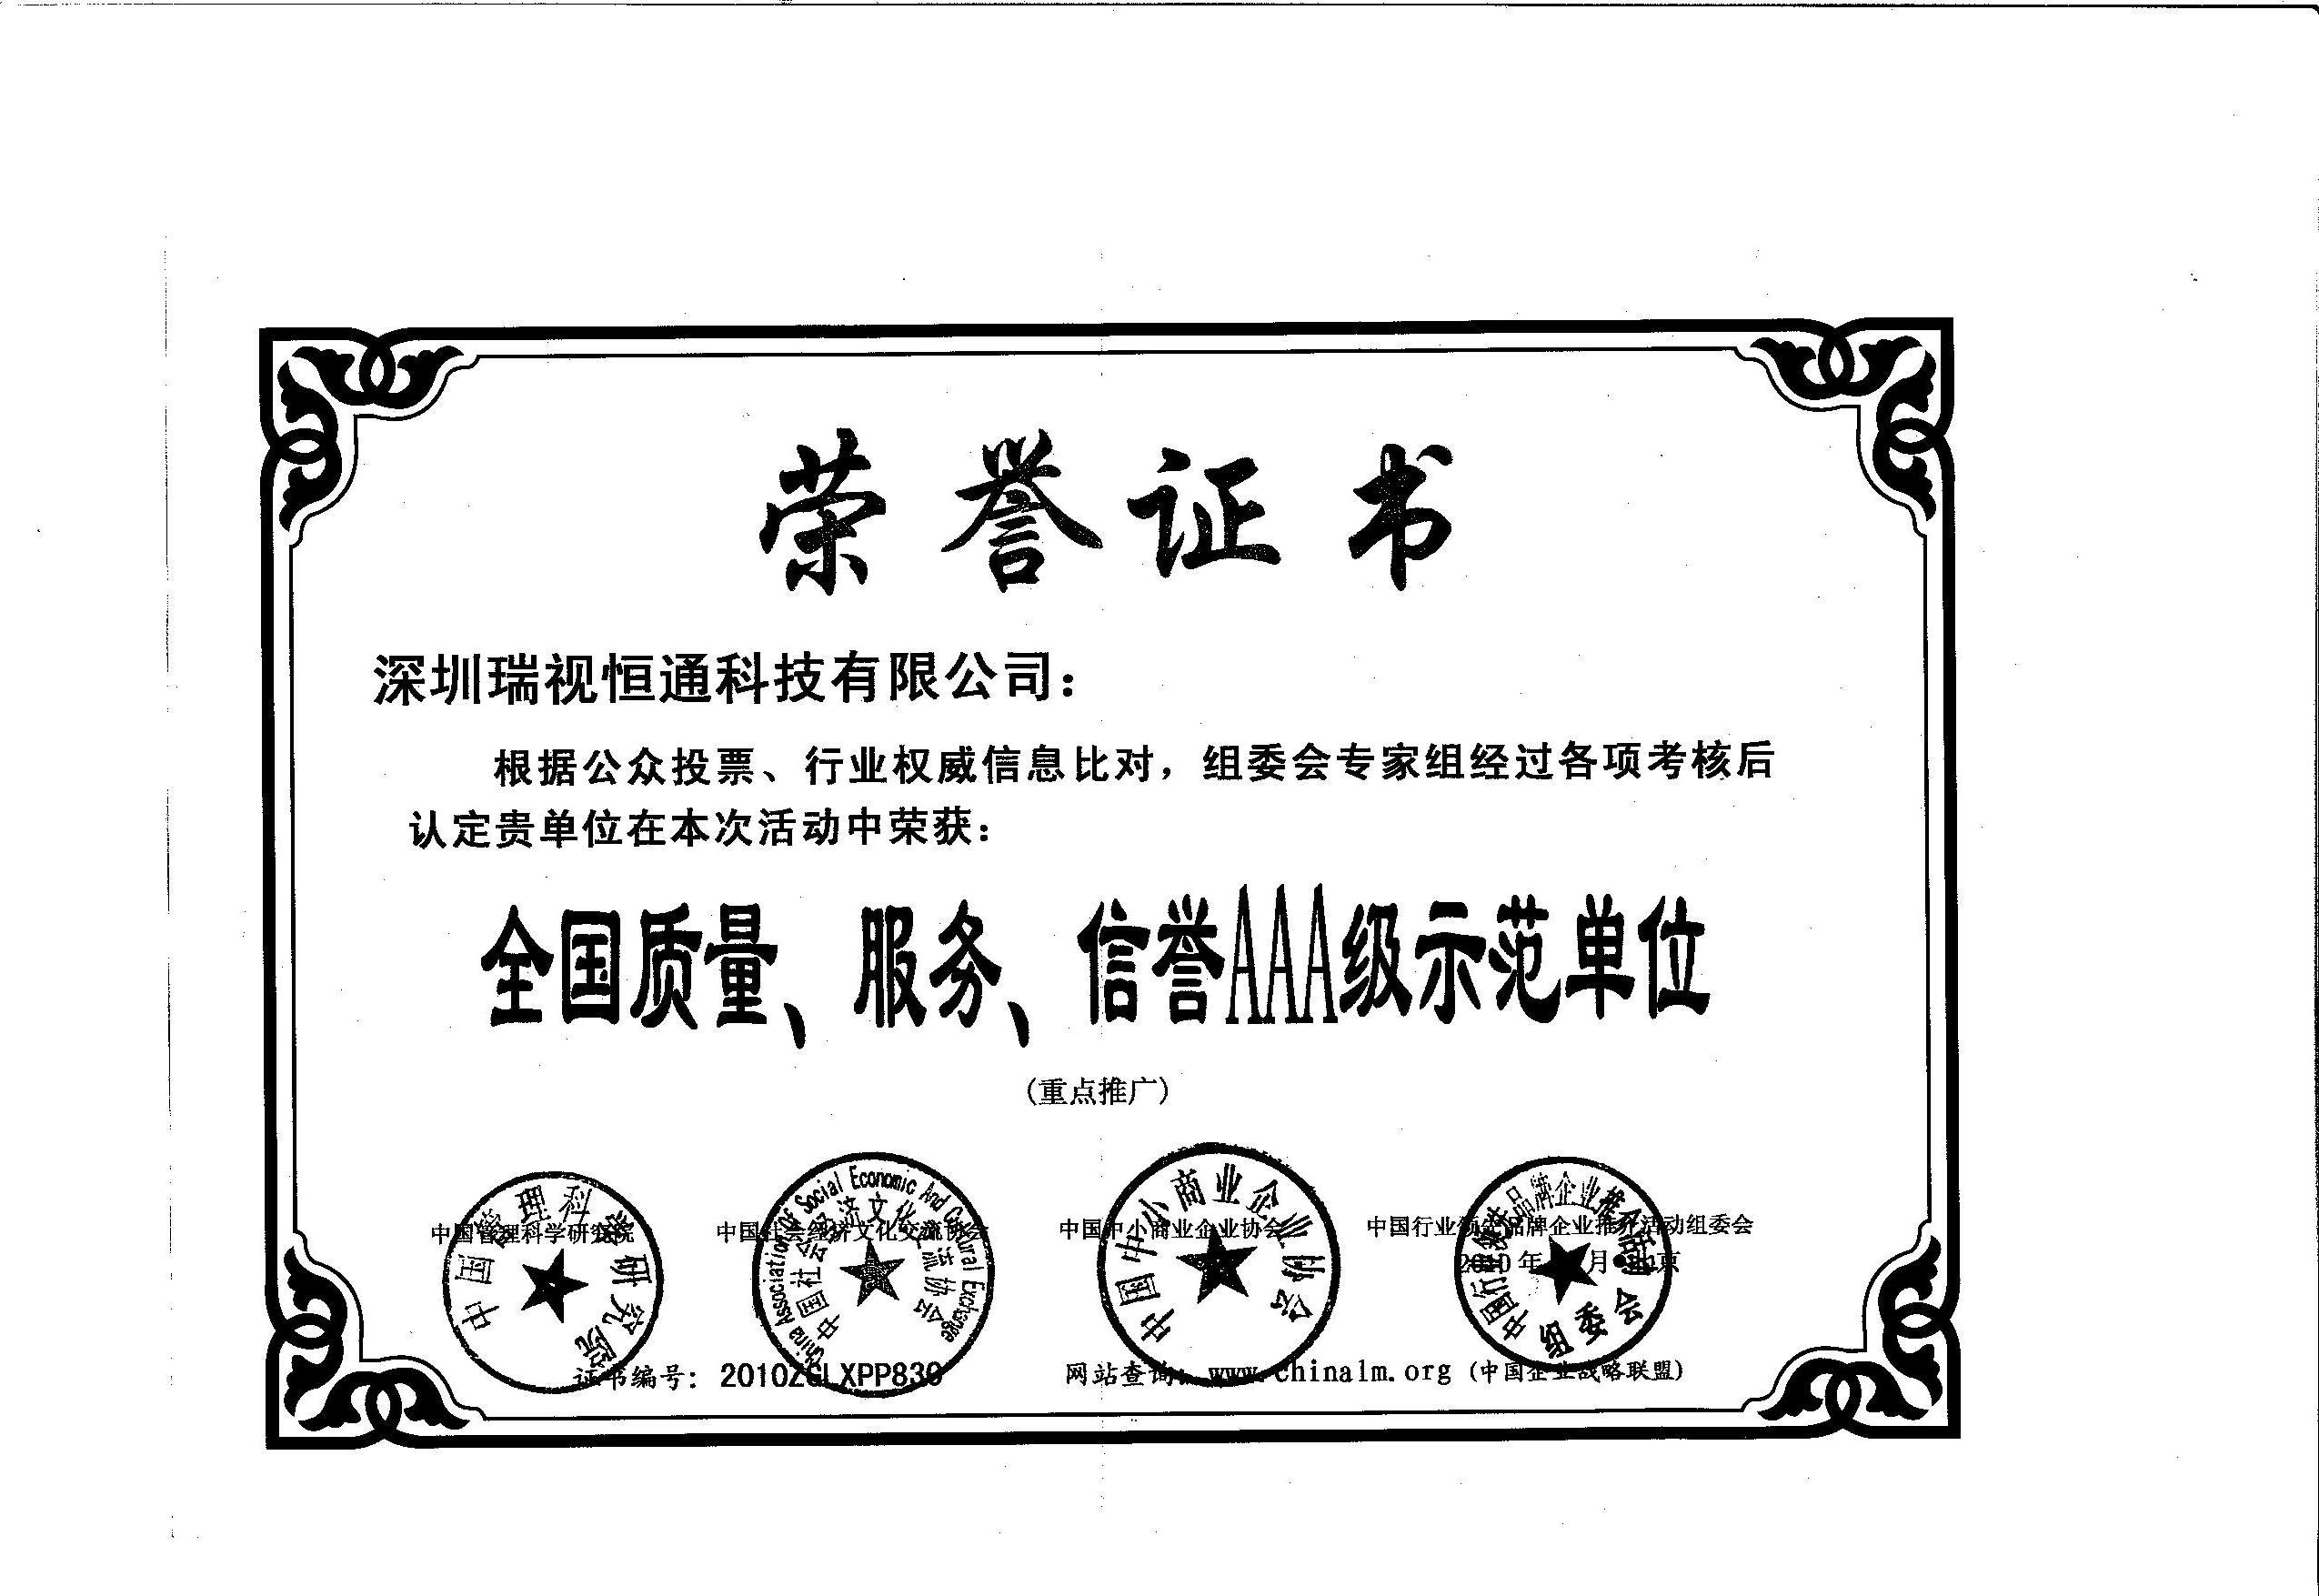 全国质量服务信誉AAA级示范单位.jpg